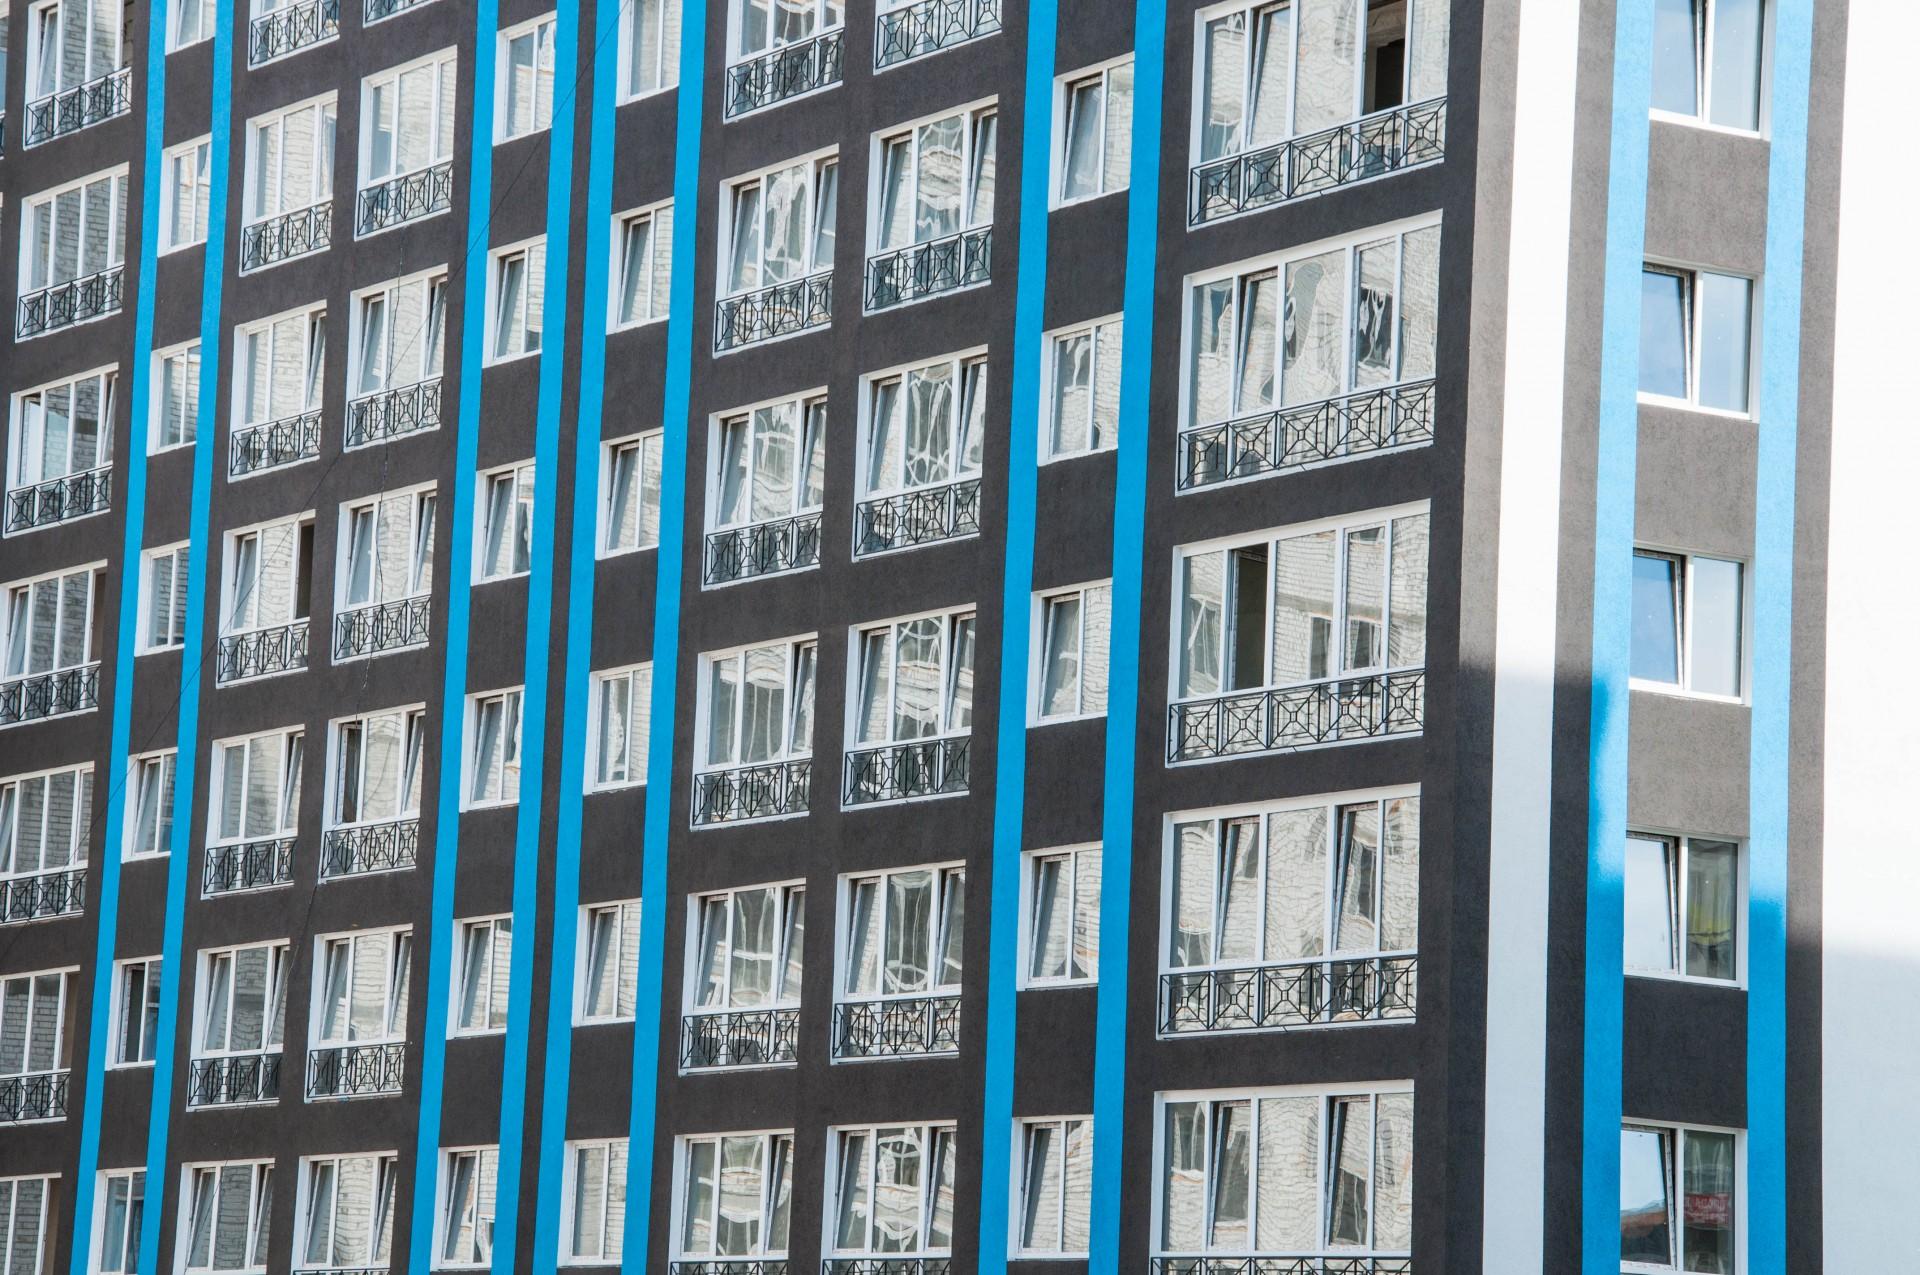 Остекление жилого комплекса, 2018